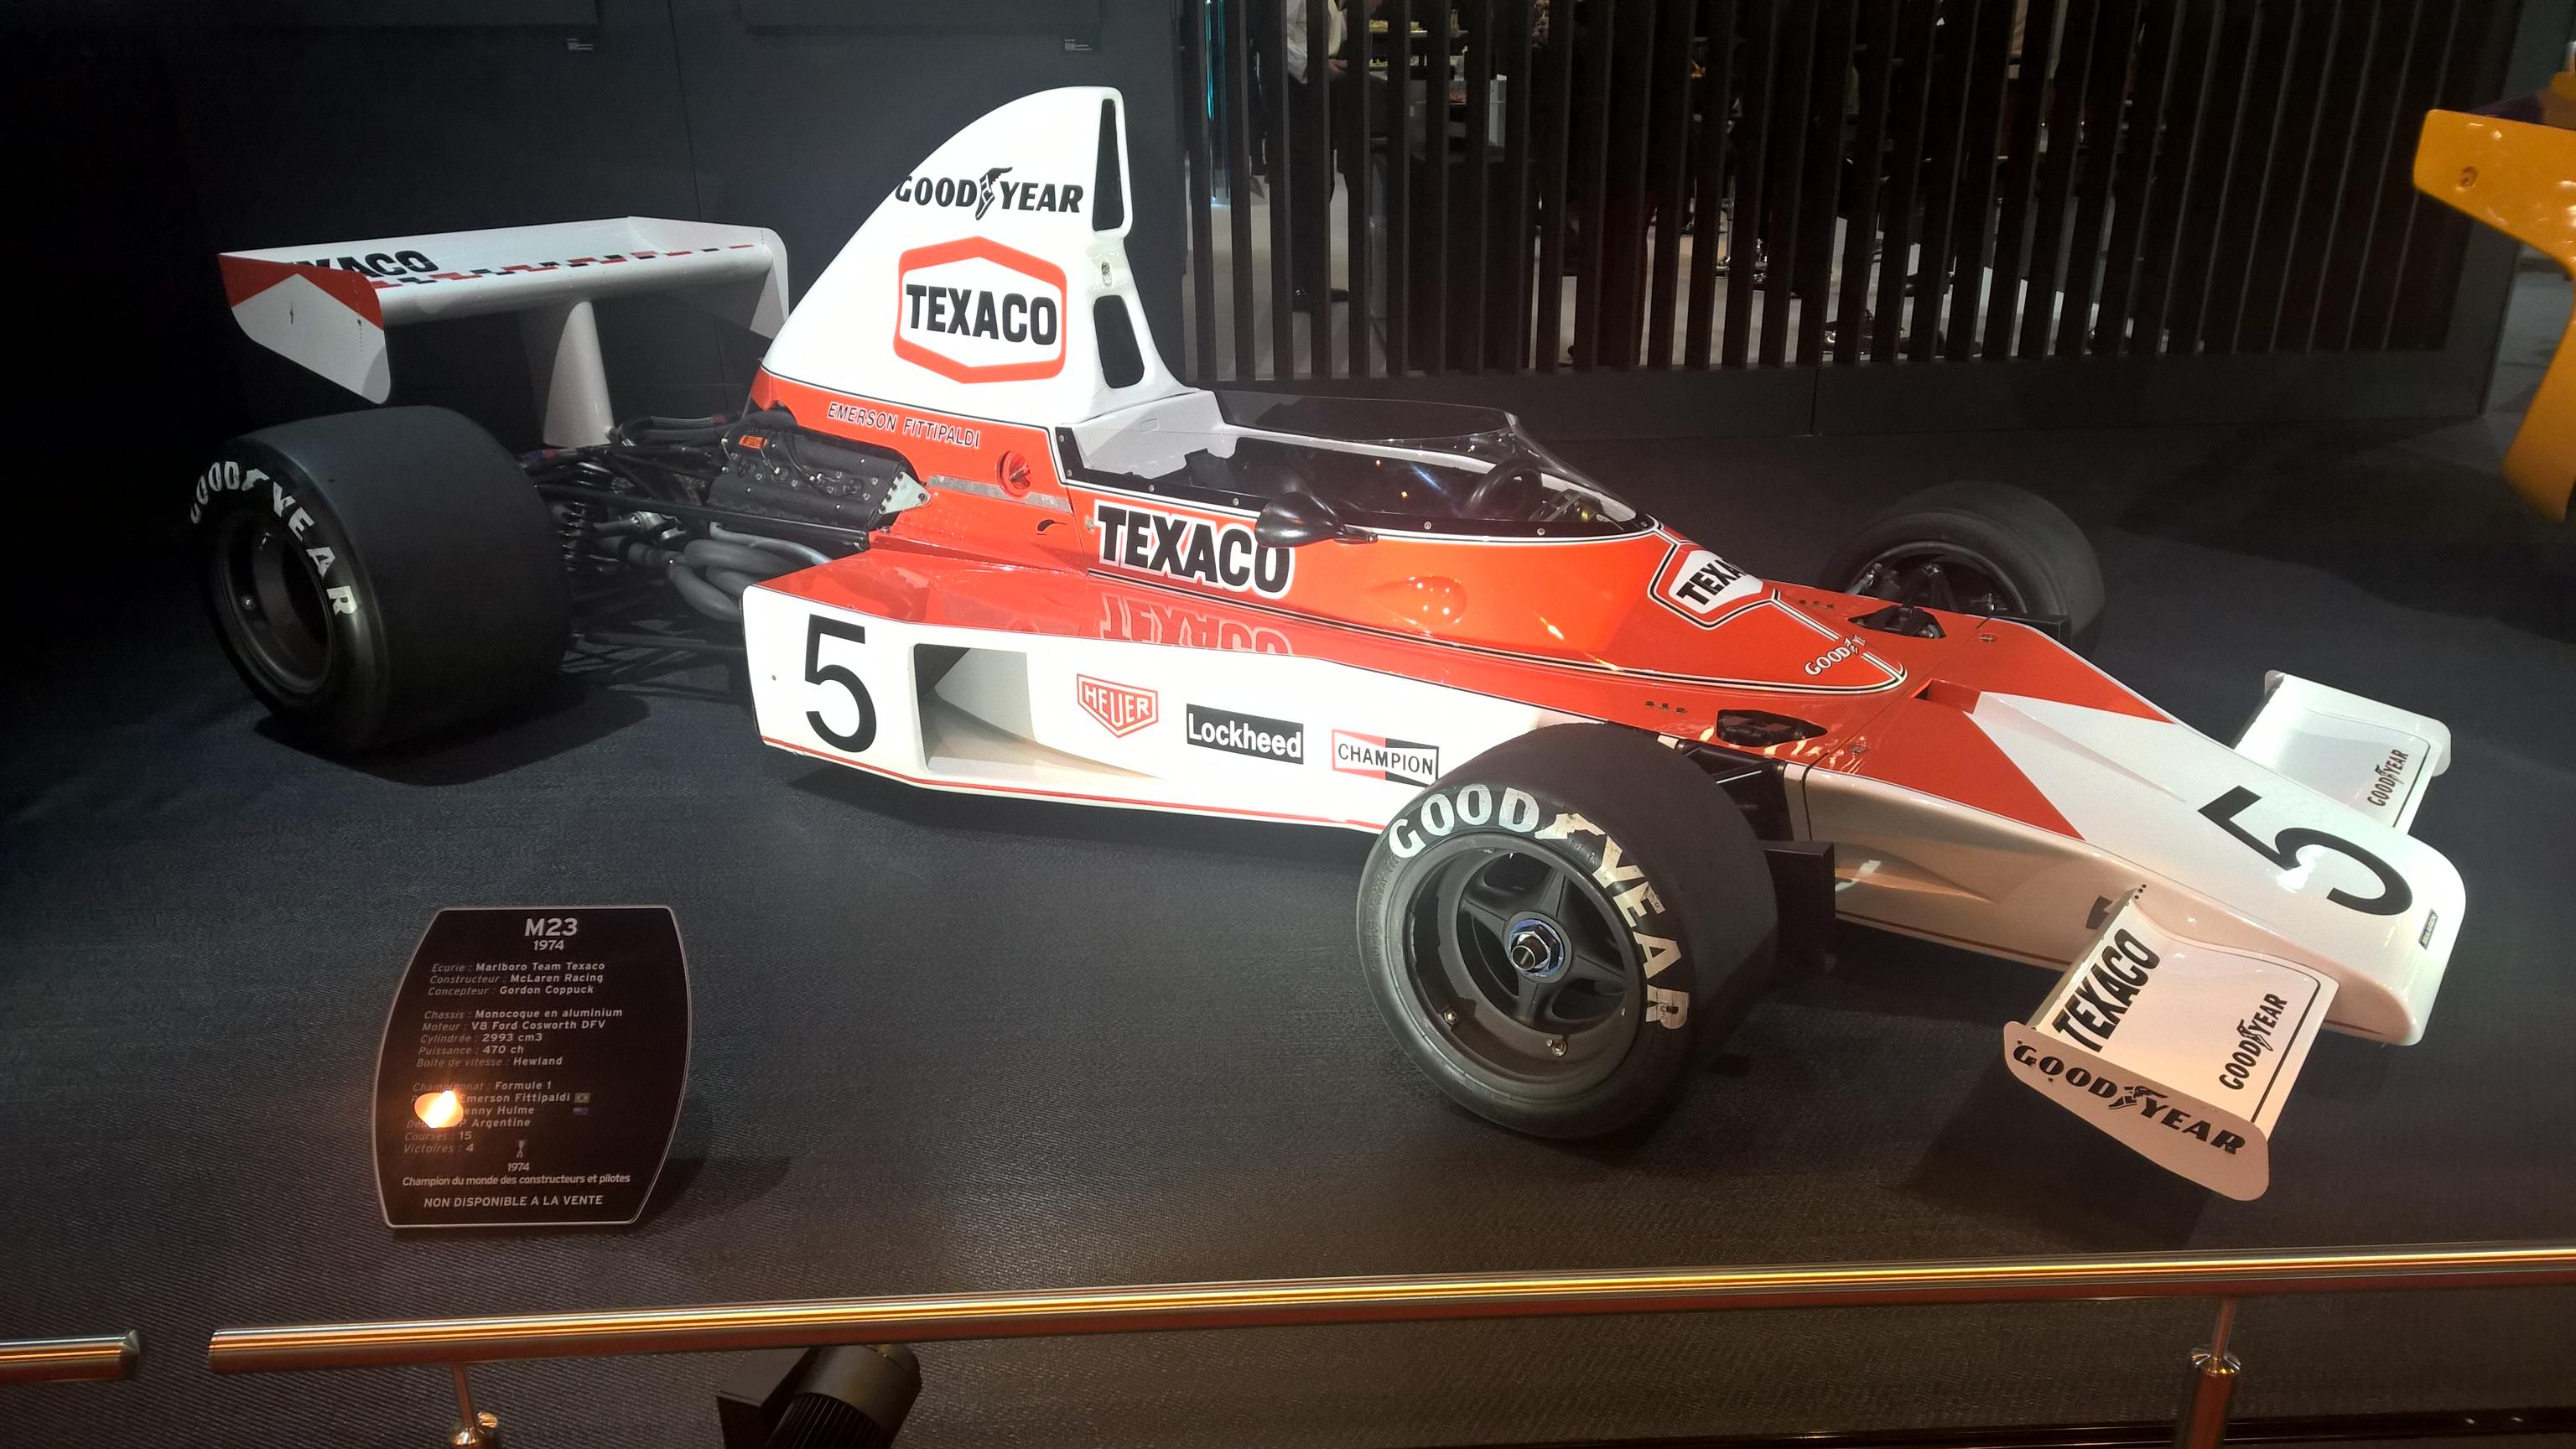 Det er mange klassiske Formel 1-biler å se på messen, og det blir ikke tøffere enn Emerson Fittipaldi sin McLaren M23 fra 1974, som han ble verdensmester med det året.